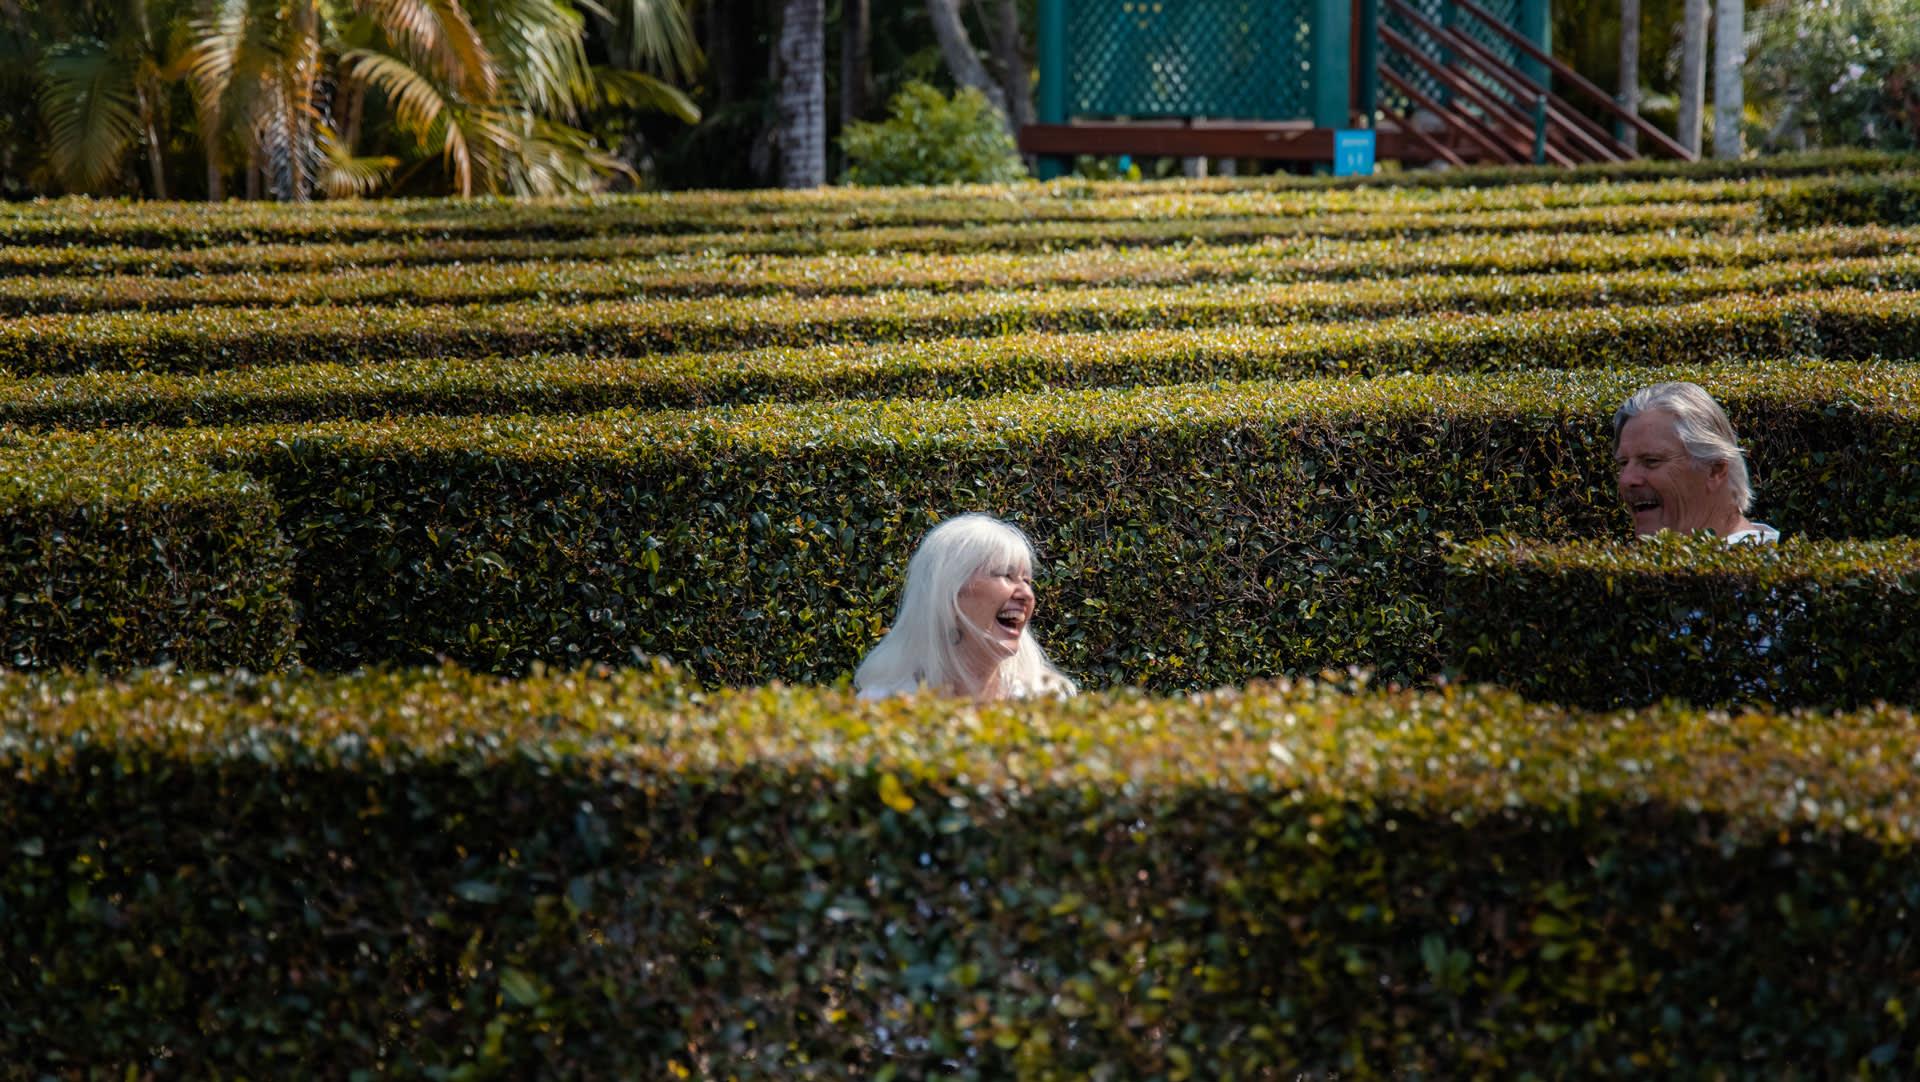 Above image: Bellingham Maze